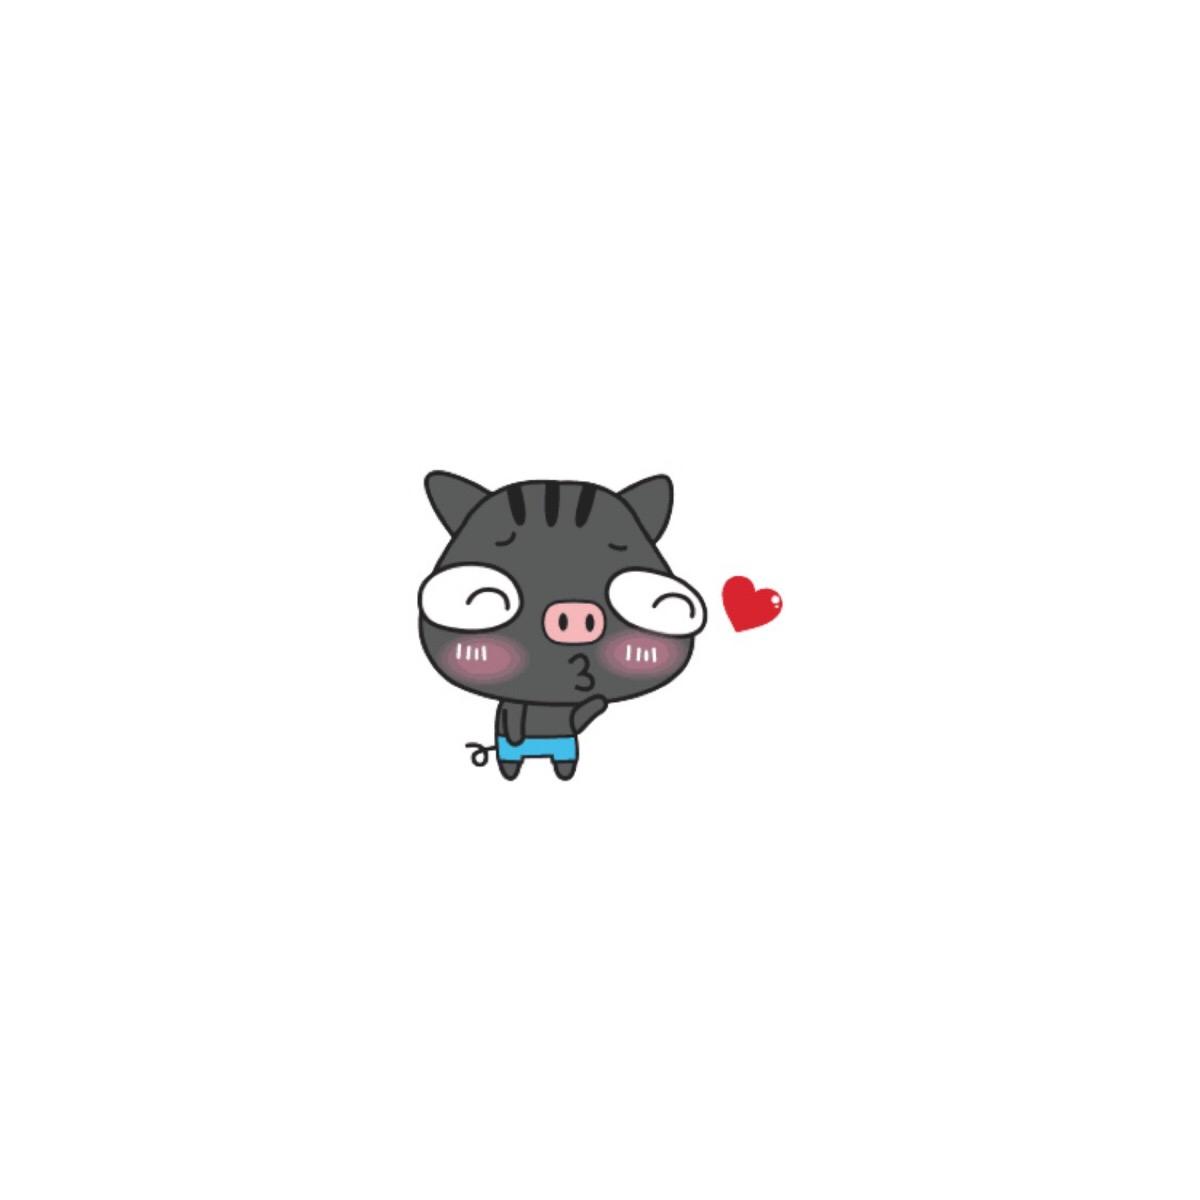 萌萌哒黑白猪高清情侣头像 第15张